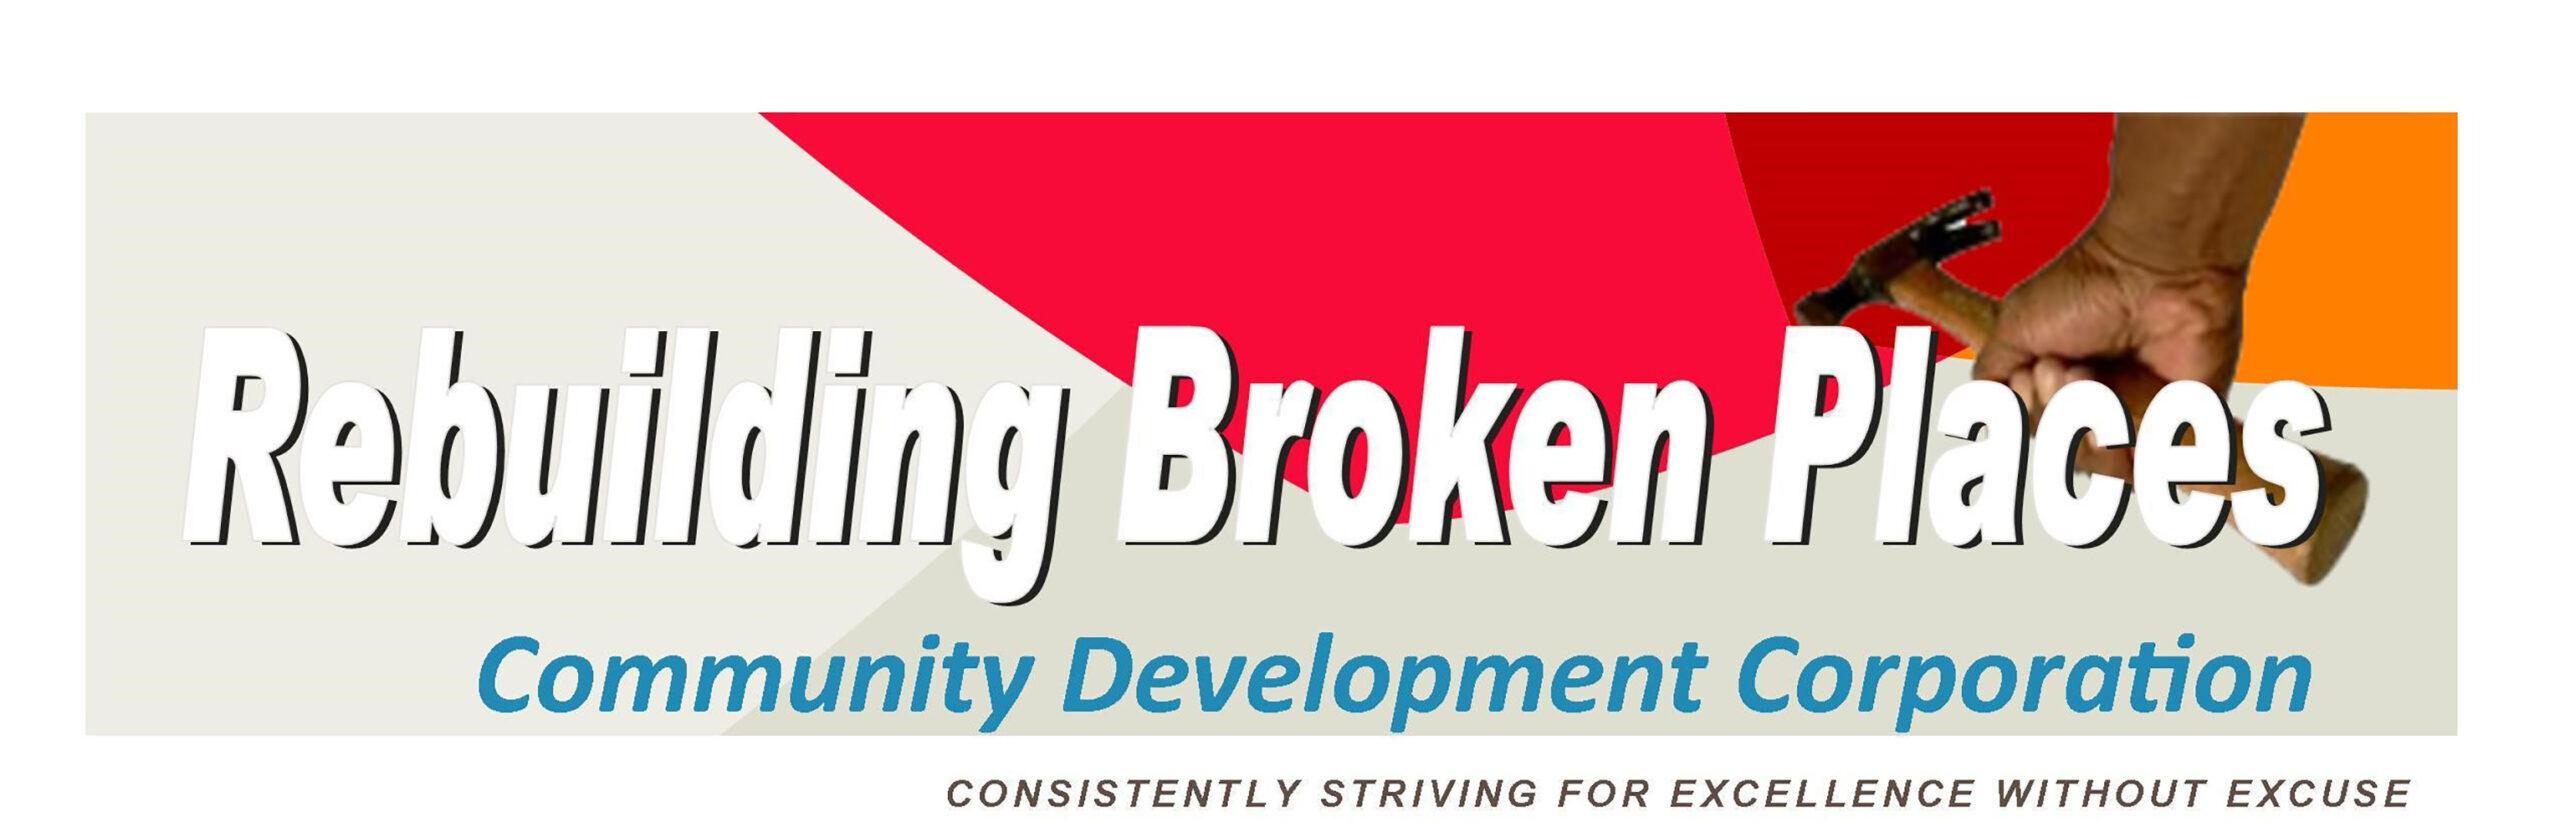 REBUILDING BROKEN PLACES CDC